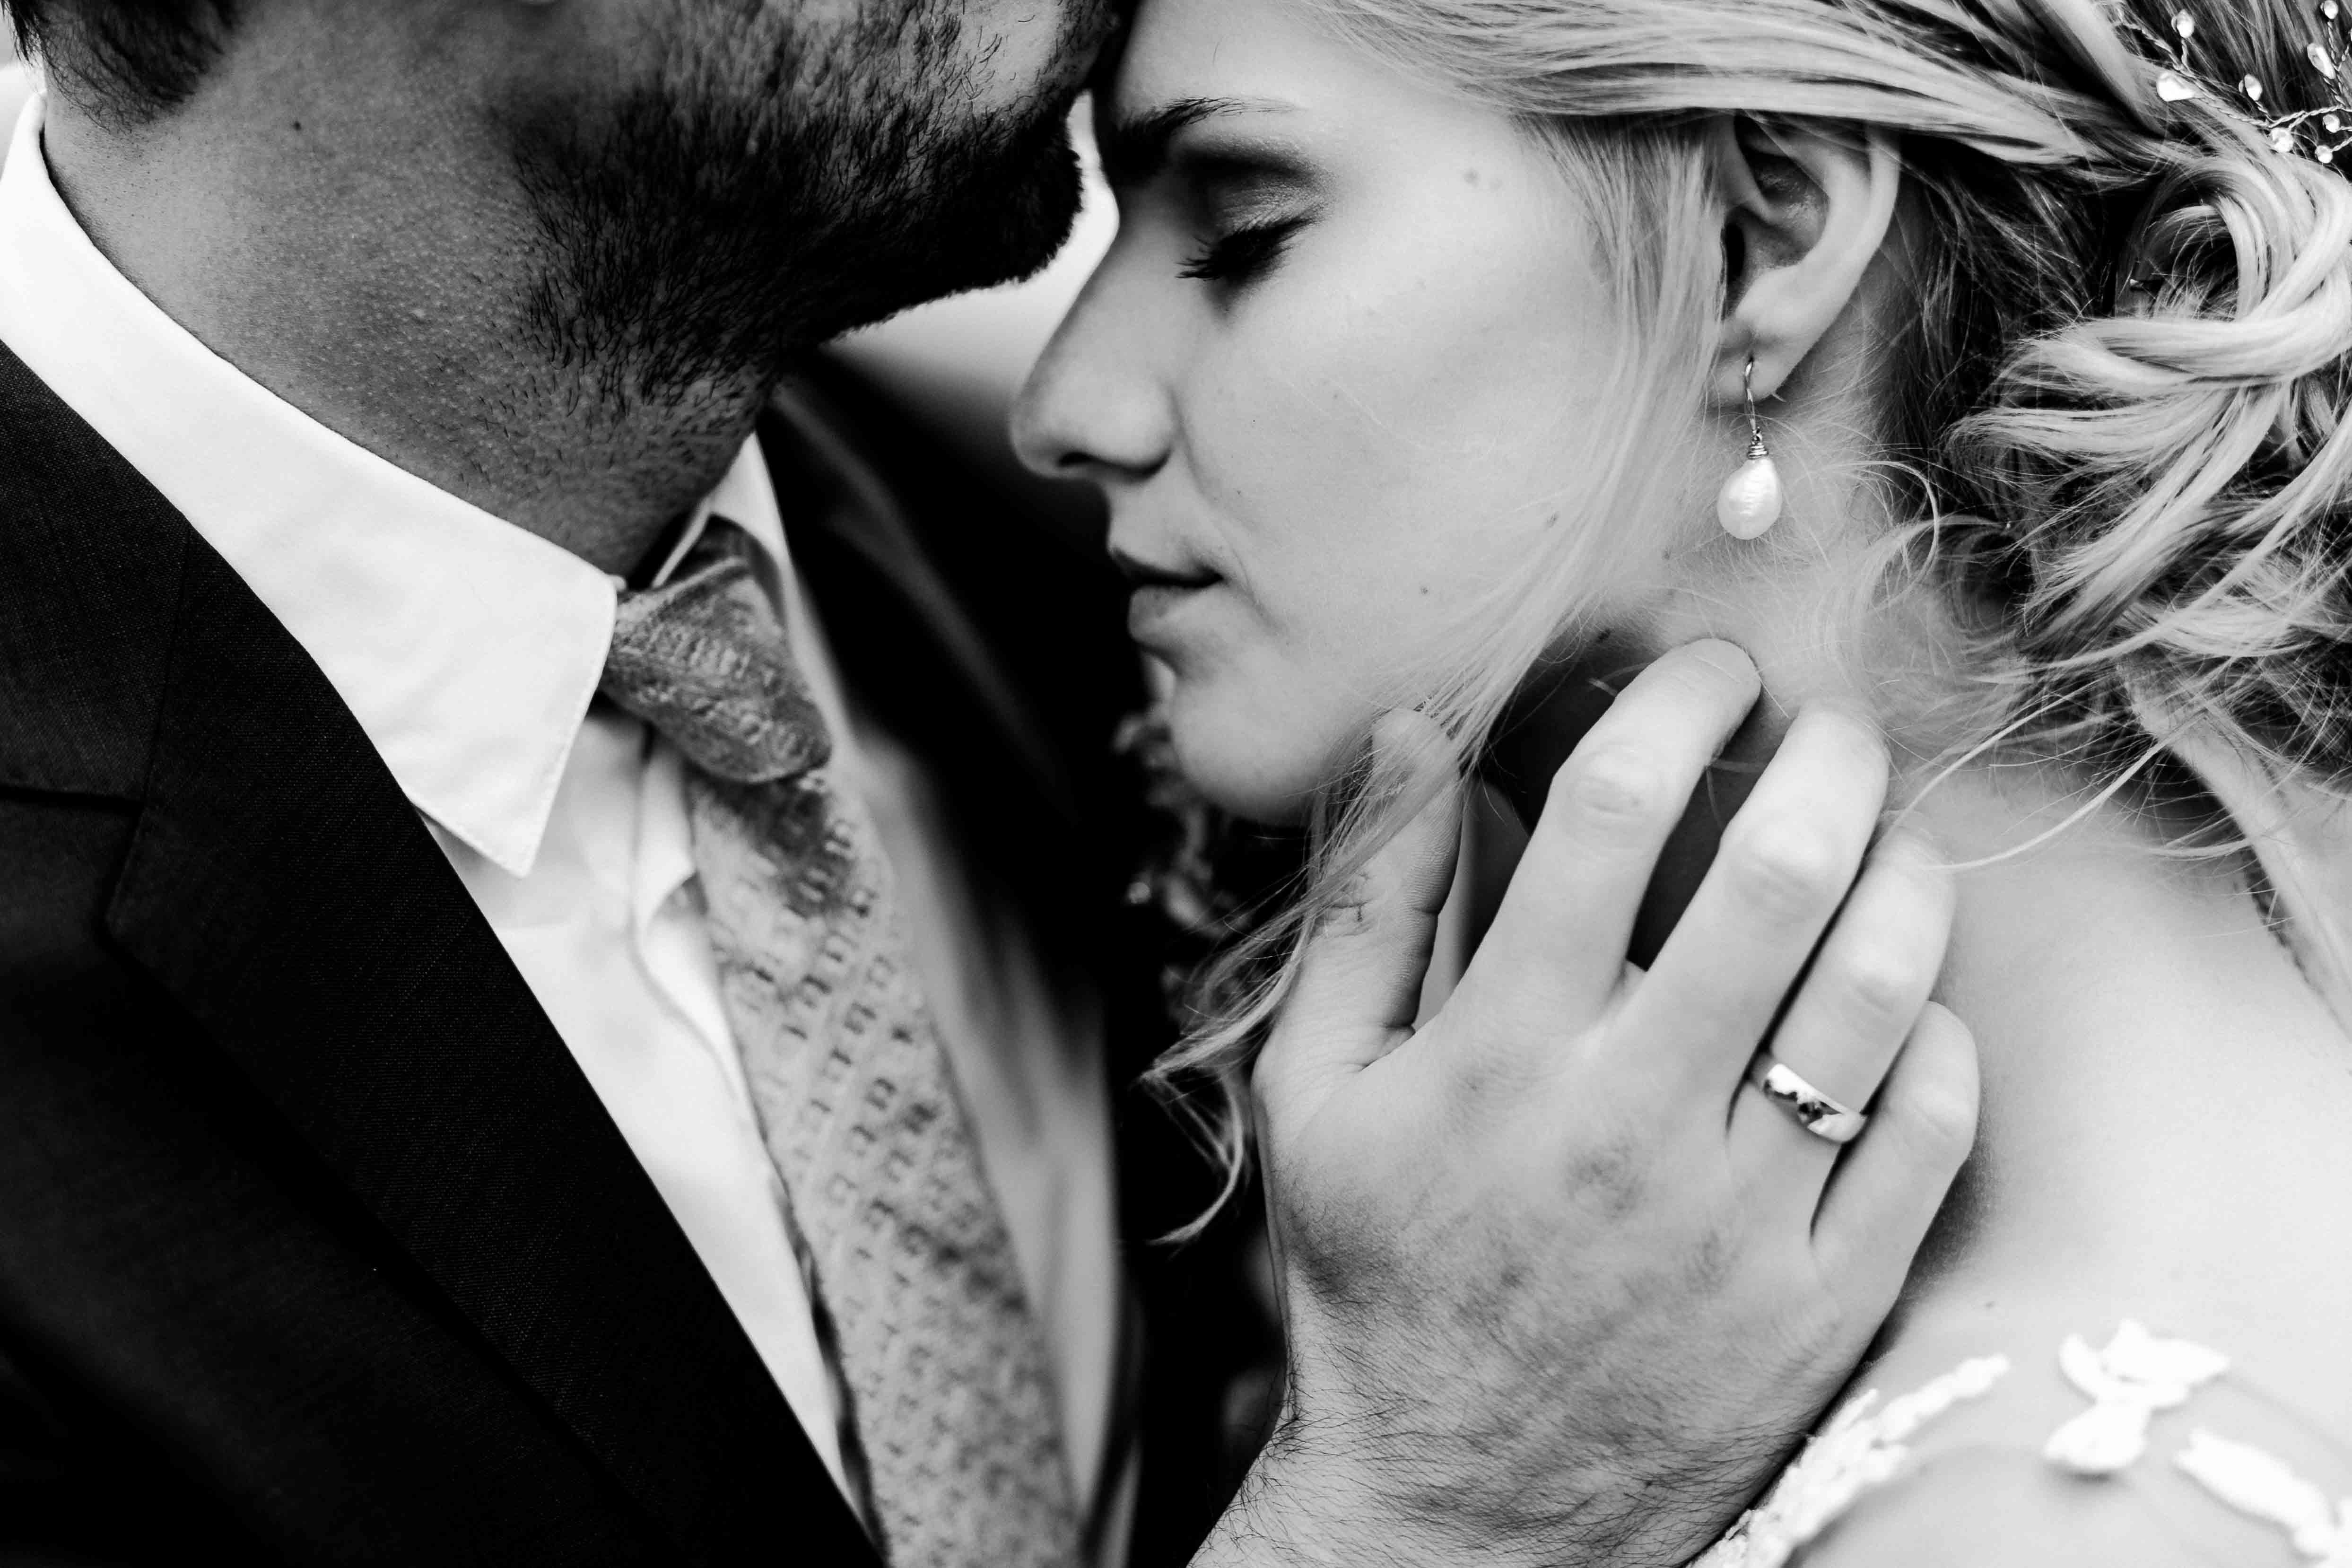 Hochzeitsfotos Wien Berge heiraten Hochzeitsfotograf Wien Fine-Art Fotografie Schwarz-weiß Hochzeitsfotos